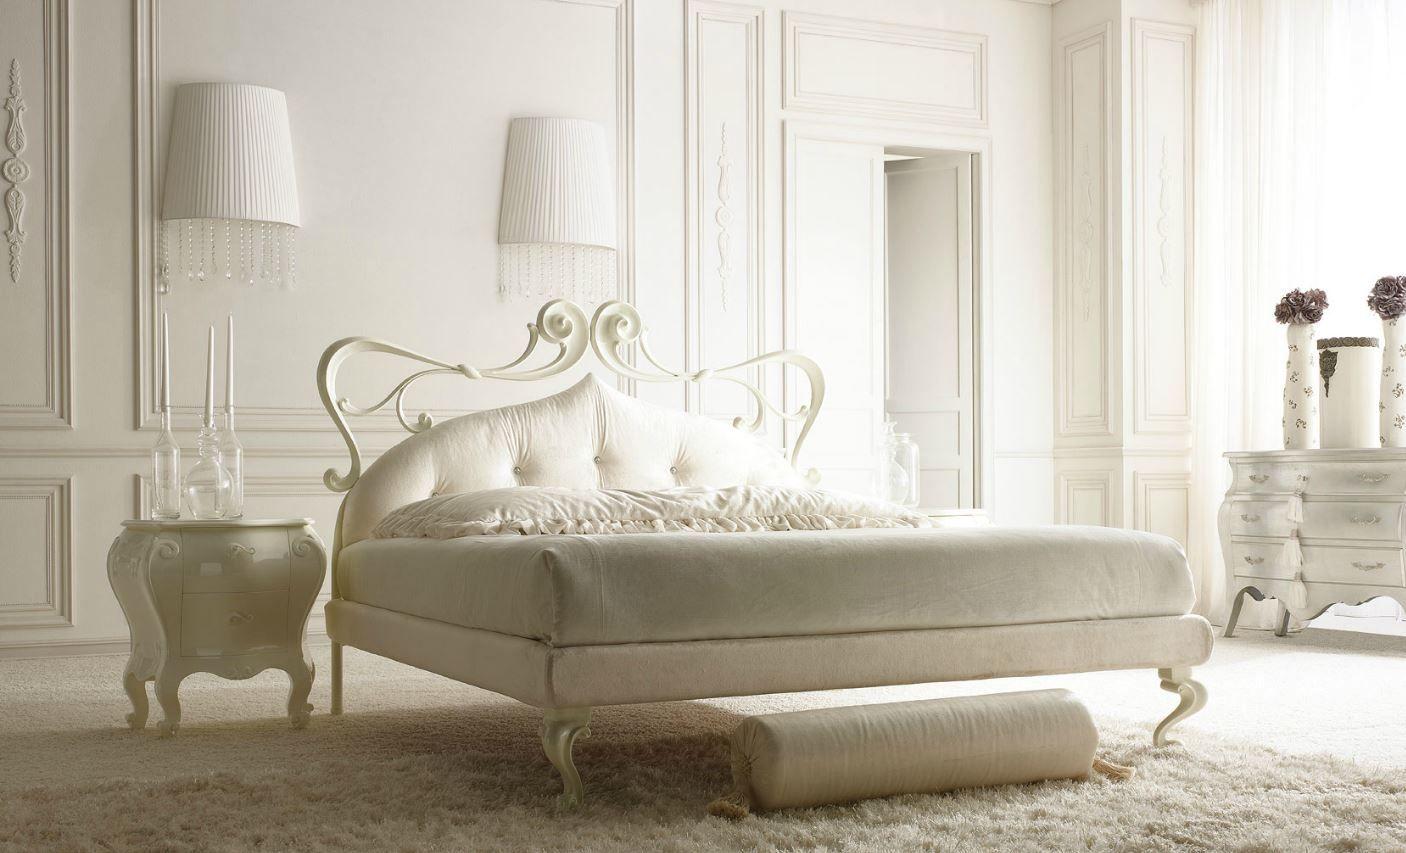 Camera da letto classica su misura - Tetesi Arredamenti | интерьер ...